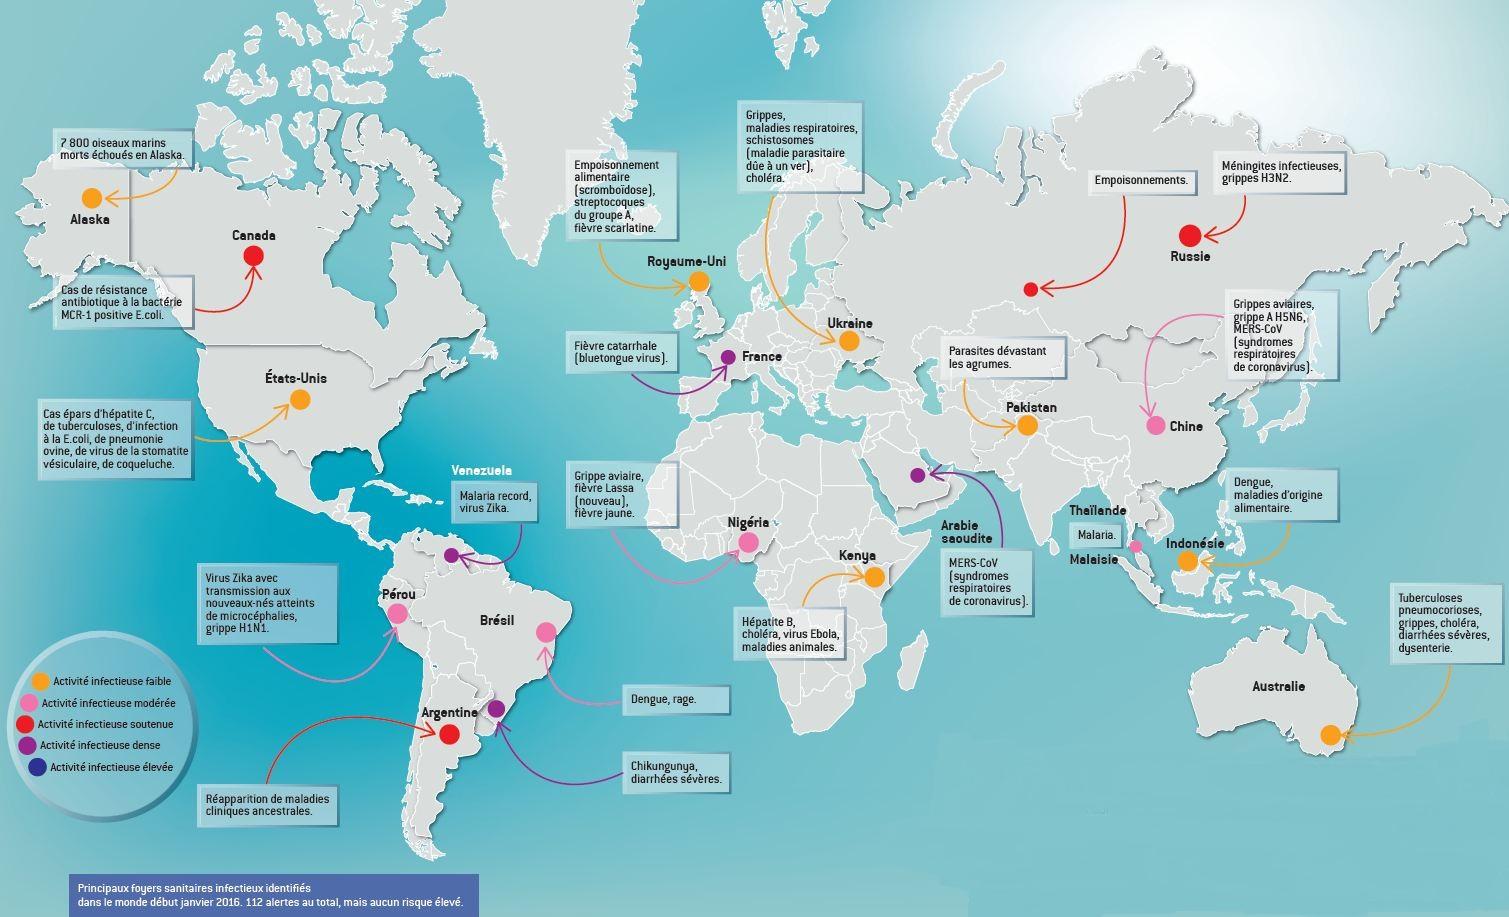 Maladies infectieuses émergentes : à l'heure où elles se propagent